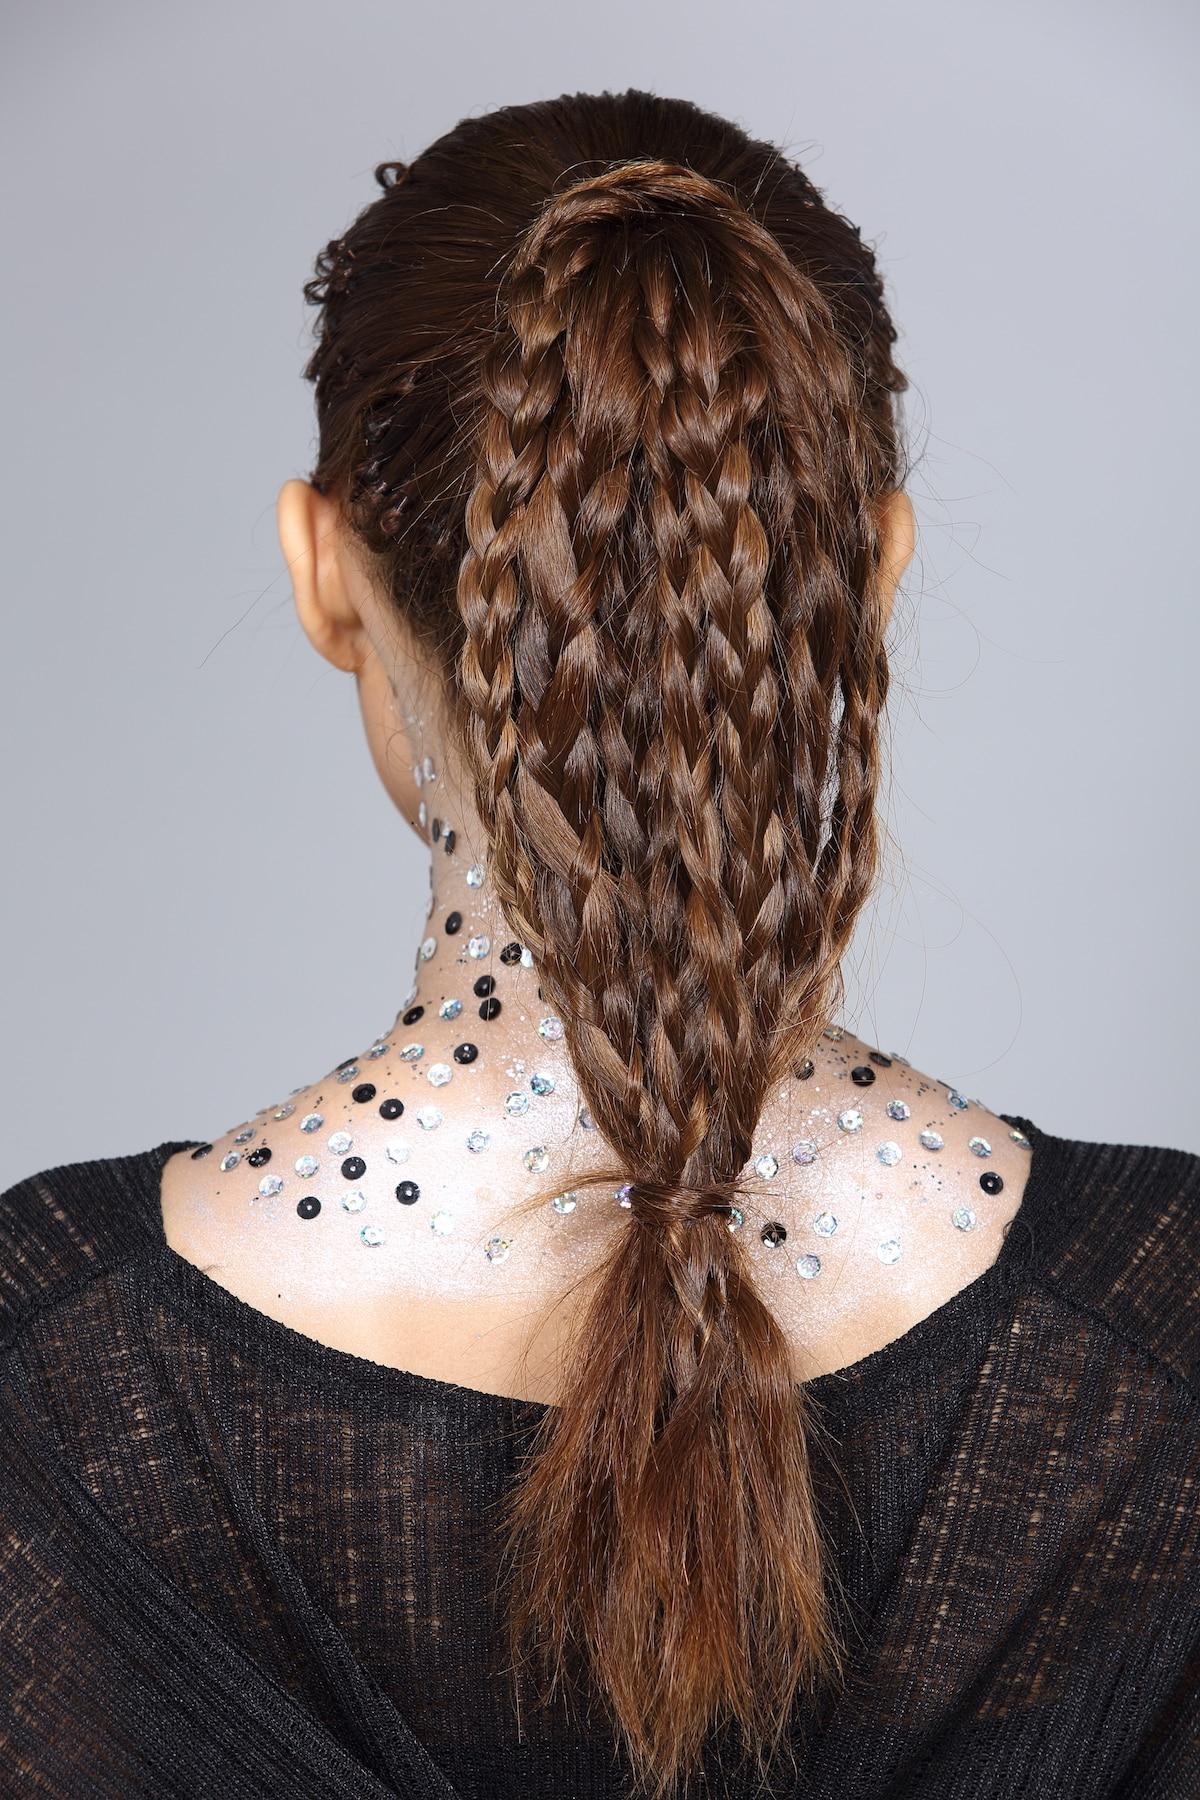 ponytail dengan multiple braids pada rambut panjang berwarna cokelat